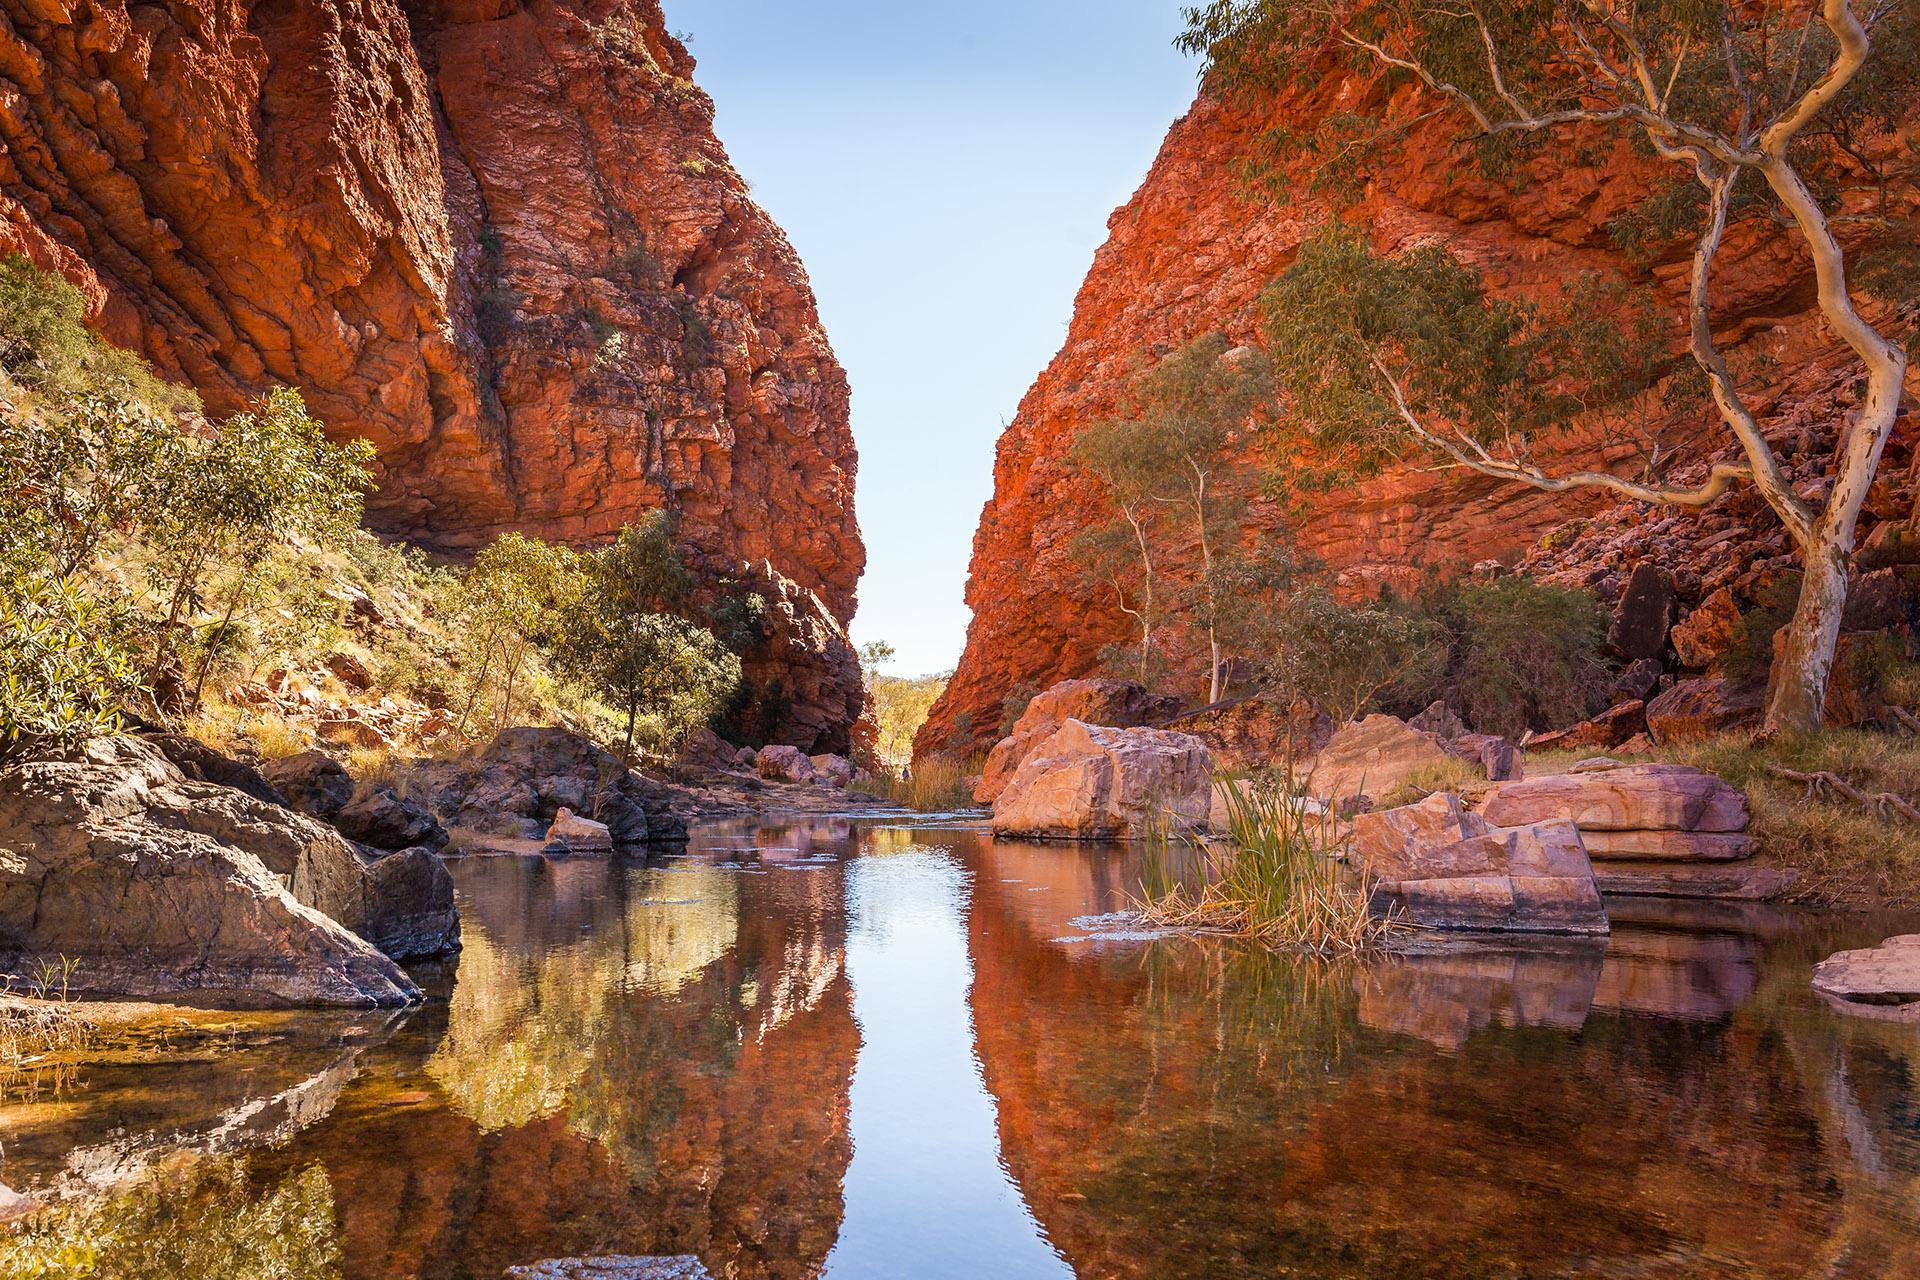 La región remota está invirtiendo millones en iniciativas turísticas, incluida una Galería Nacional de Arte Aborigen y nuevas rutas de senderismo y ciclismo